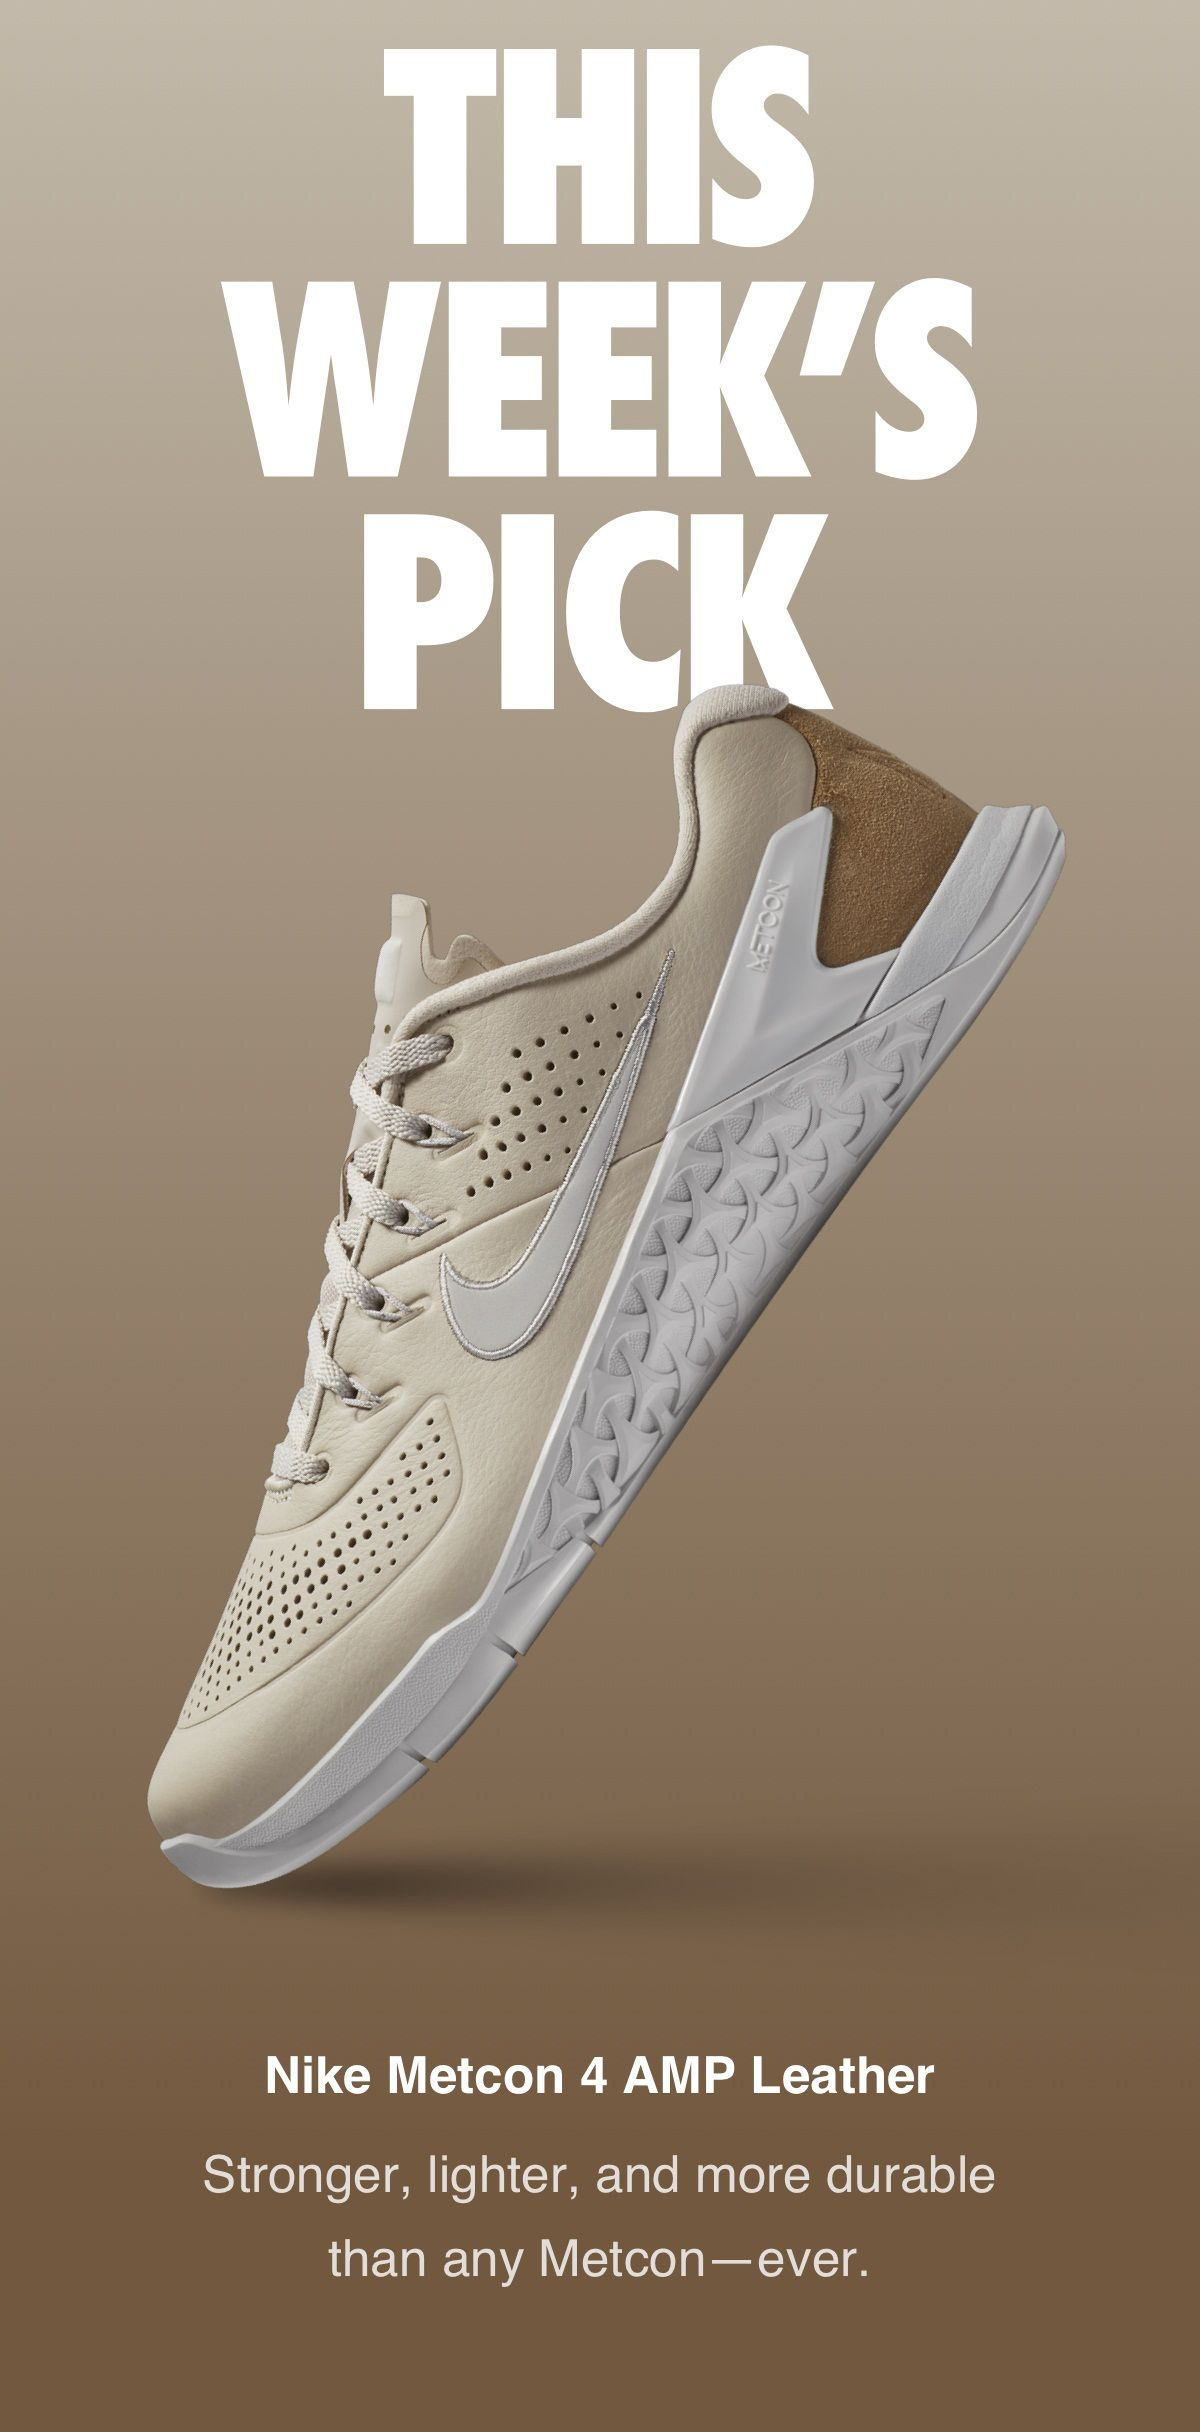 huge selection of d2be7 e92f1 NIKE METCON 4 AMP LEATHERT Zapatillas, Zapatillas De Deporte Bonitas,  Zapatos De Entrenamiento